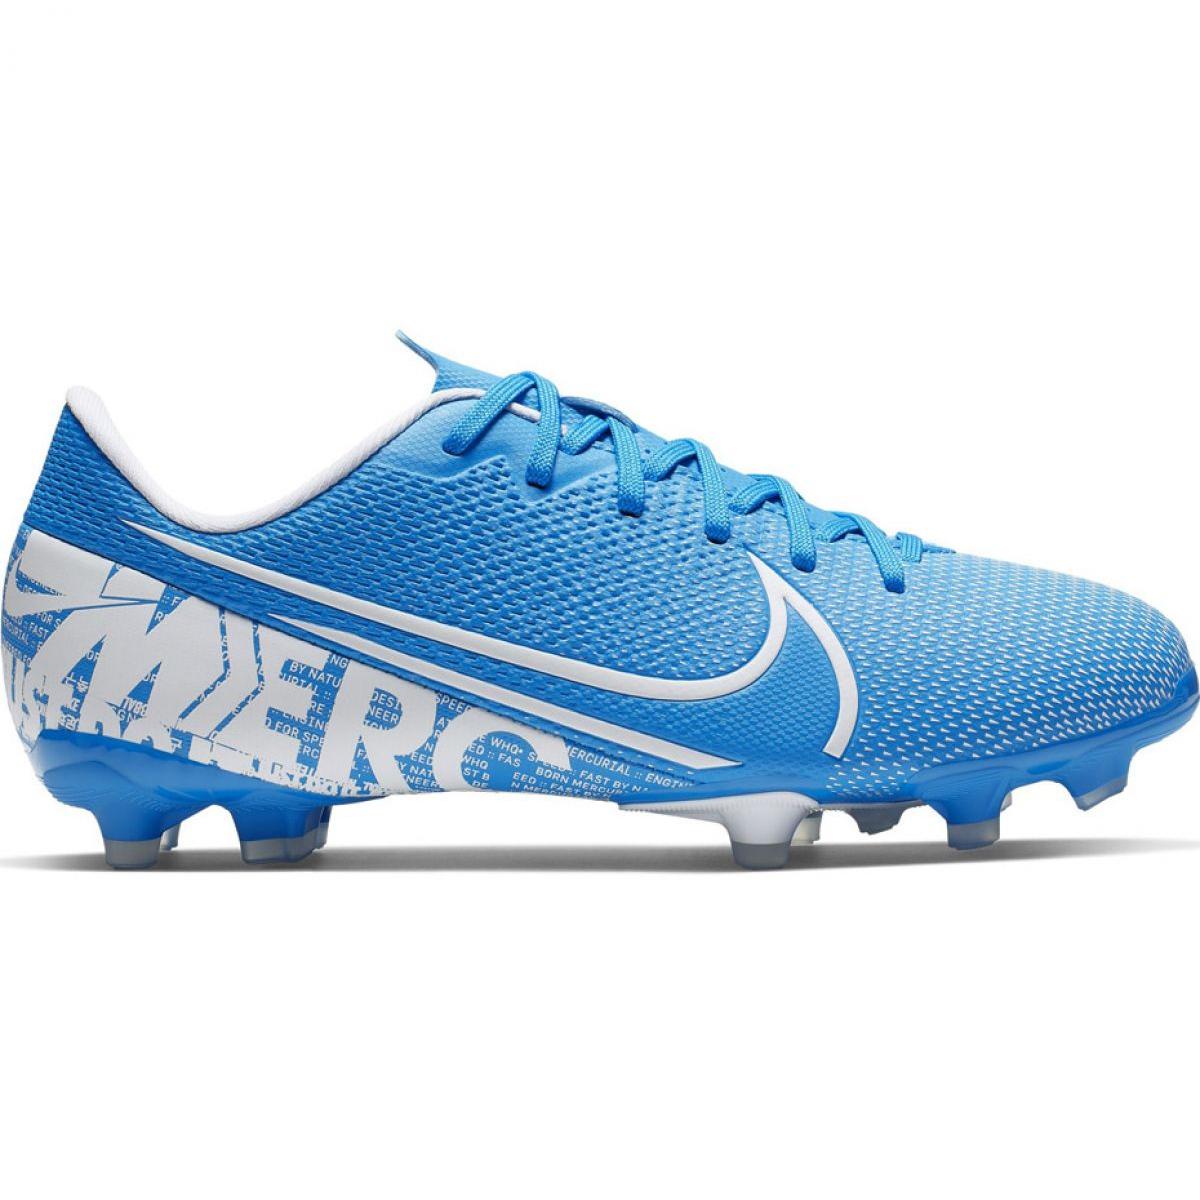 Qualität und Quantität zugesichert Genieße den niedrigsten Preis 2020 Fußballschuhe Nike Mercurial Vapor 13 Akademie FG / MG Jr AT8123 414 blau